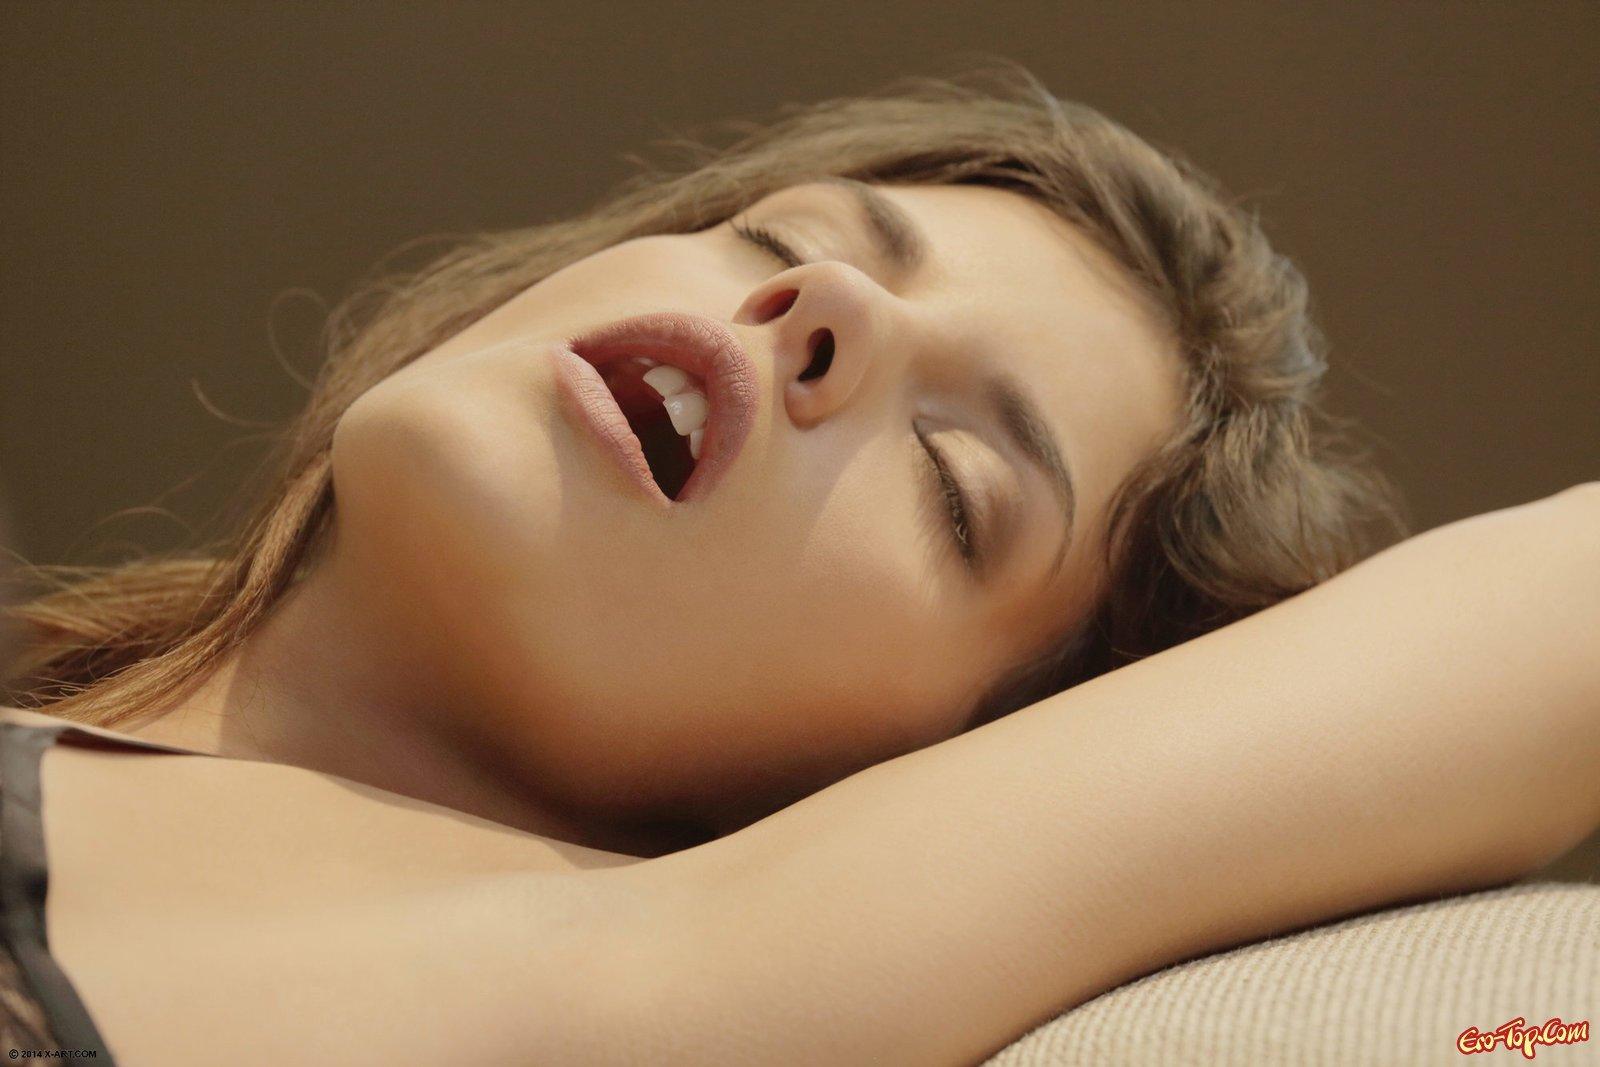 Молодая шлюшка в чулках возбуждает себя лежа на тахте